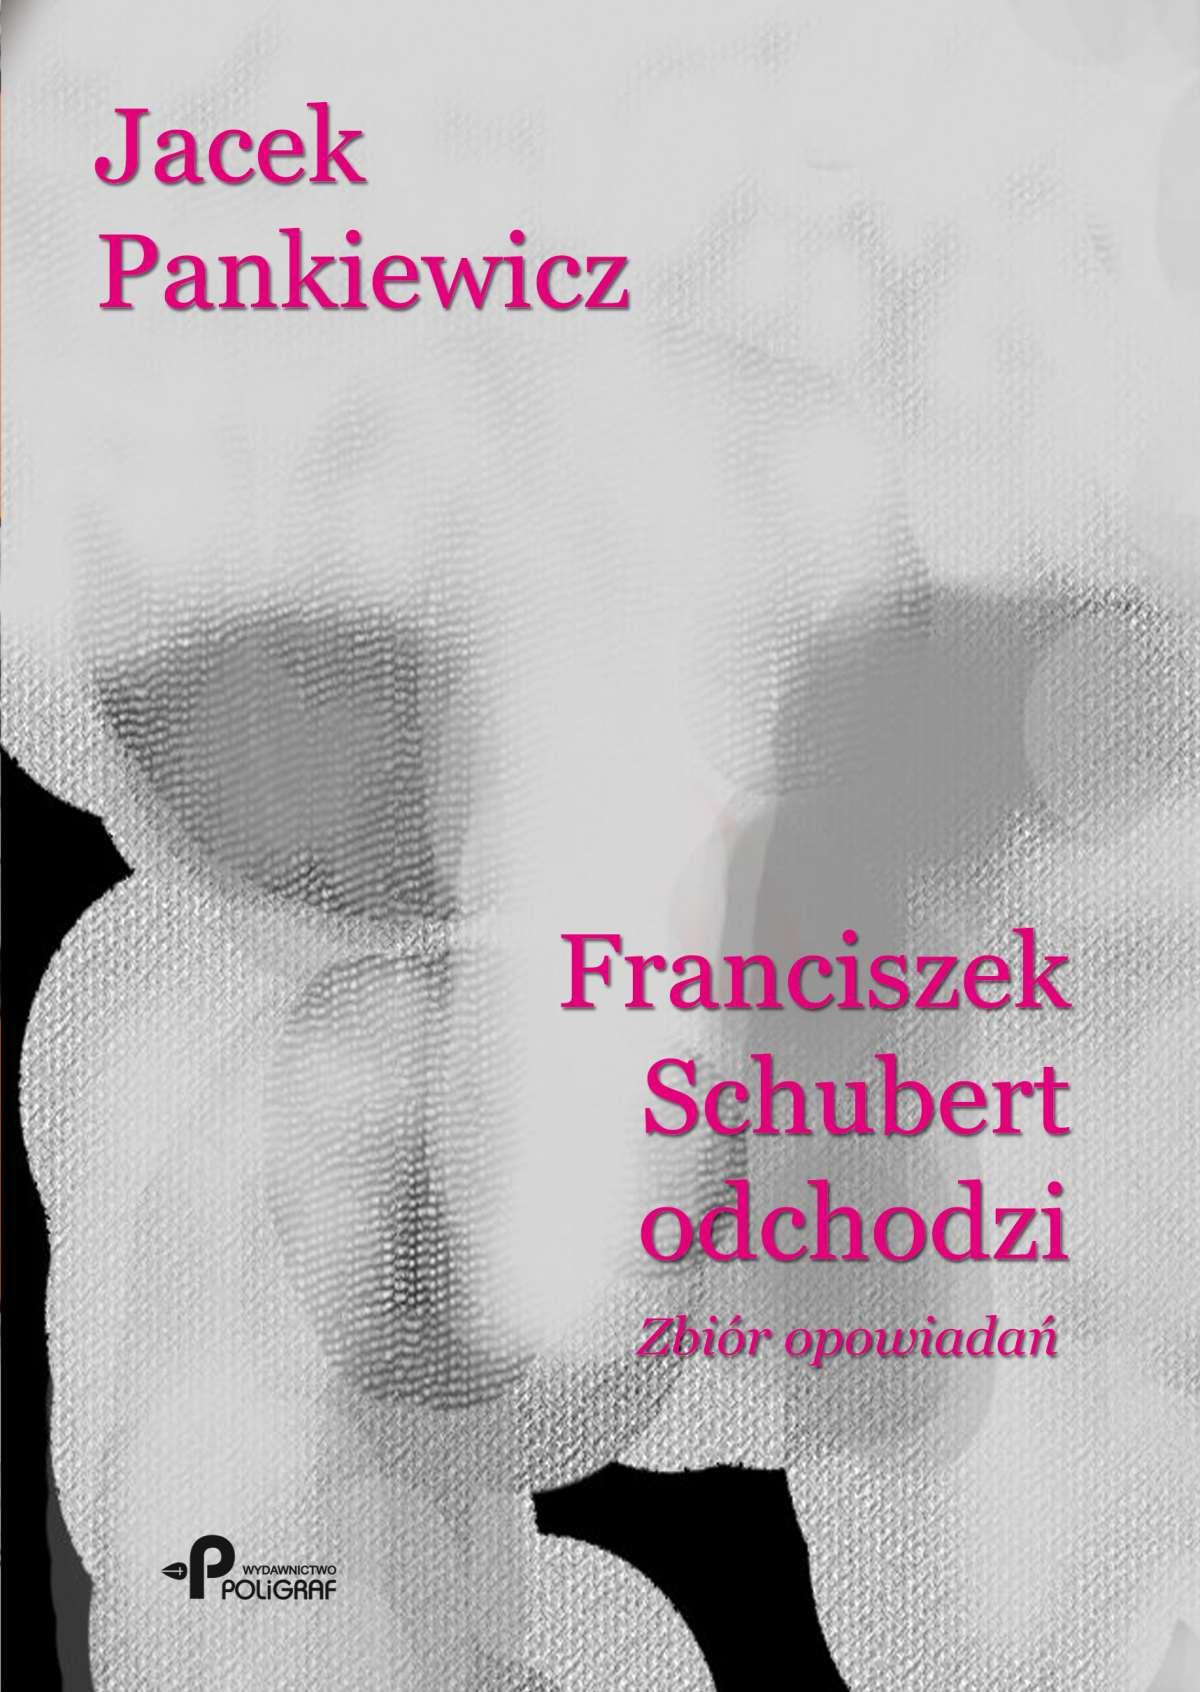 Franciszek Schubert odchodzi. Zbiór opowiadań - Ebook (Książka na Kindle) do pobrania w formacie MOBI